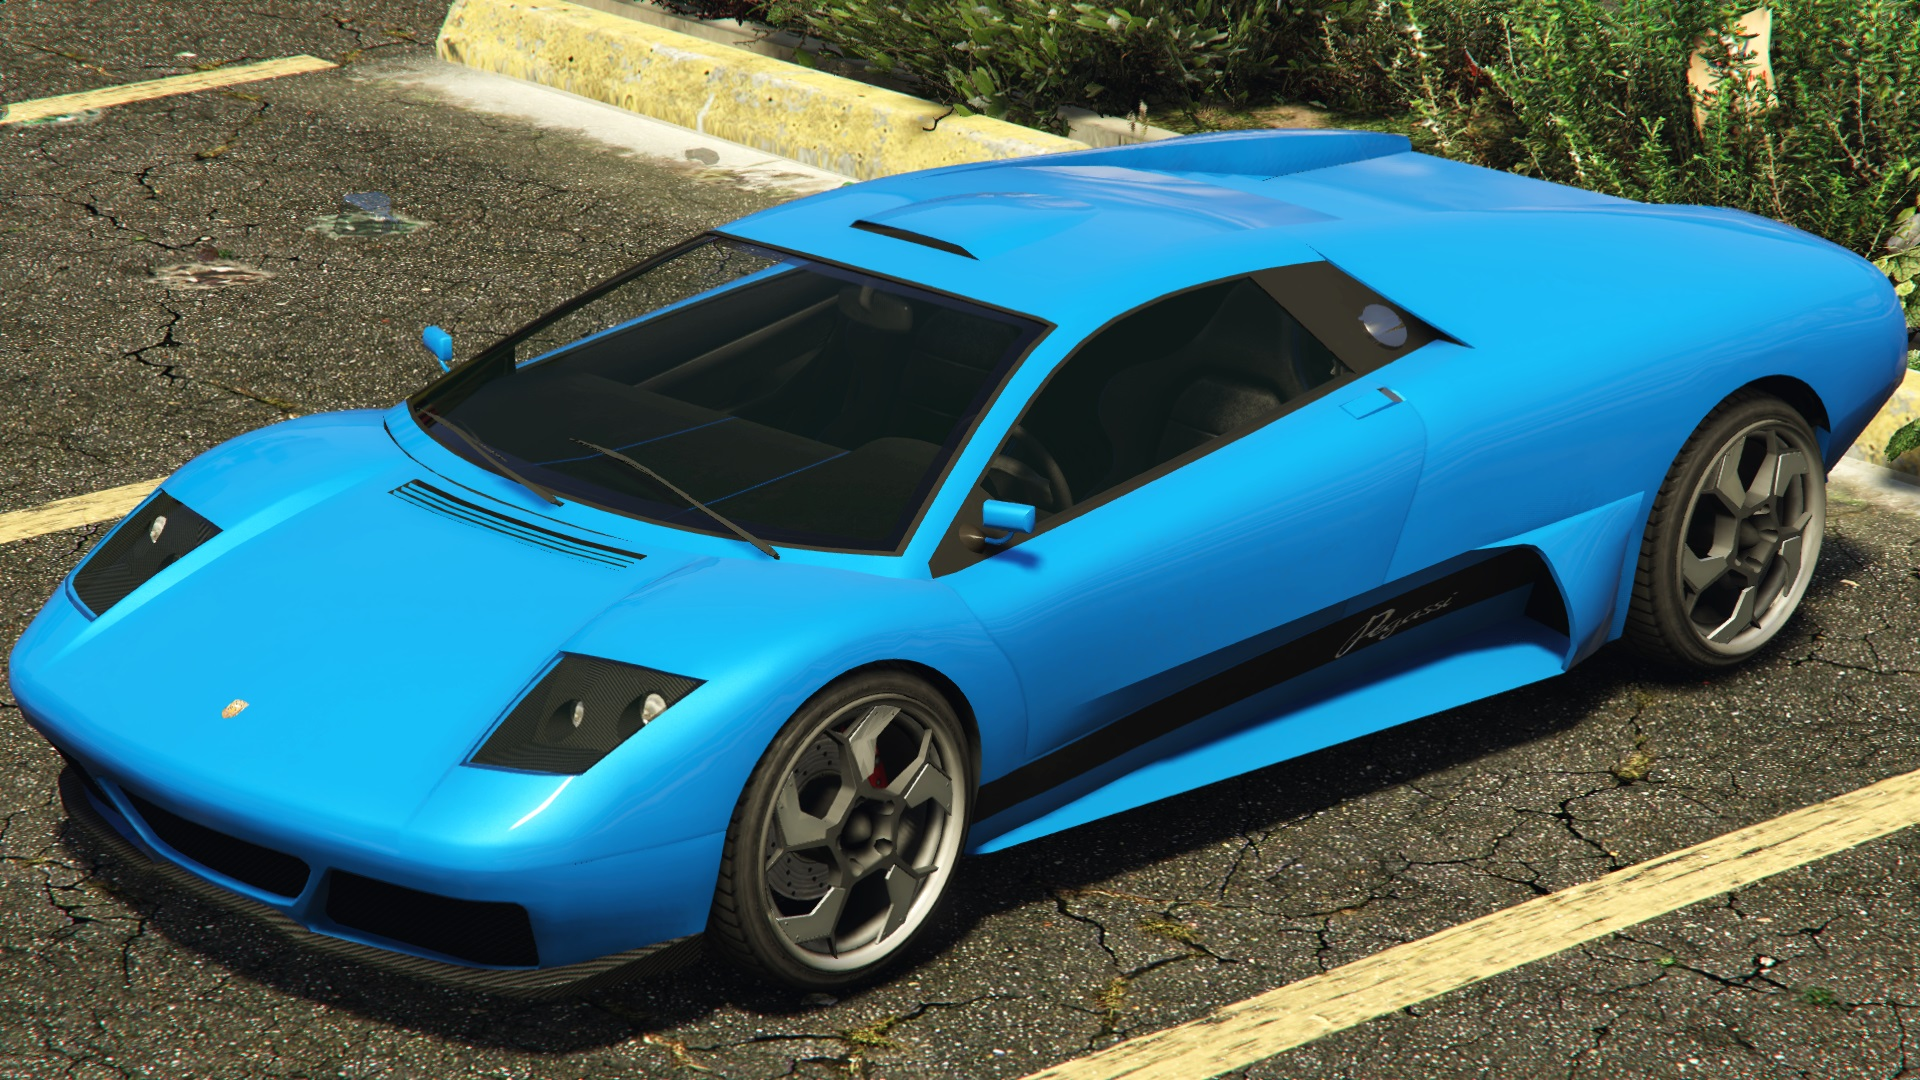 Infernus | Grand Theft Auto - GTA Wiki | FANDOM powered by ...